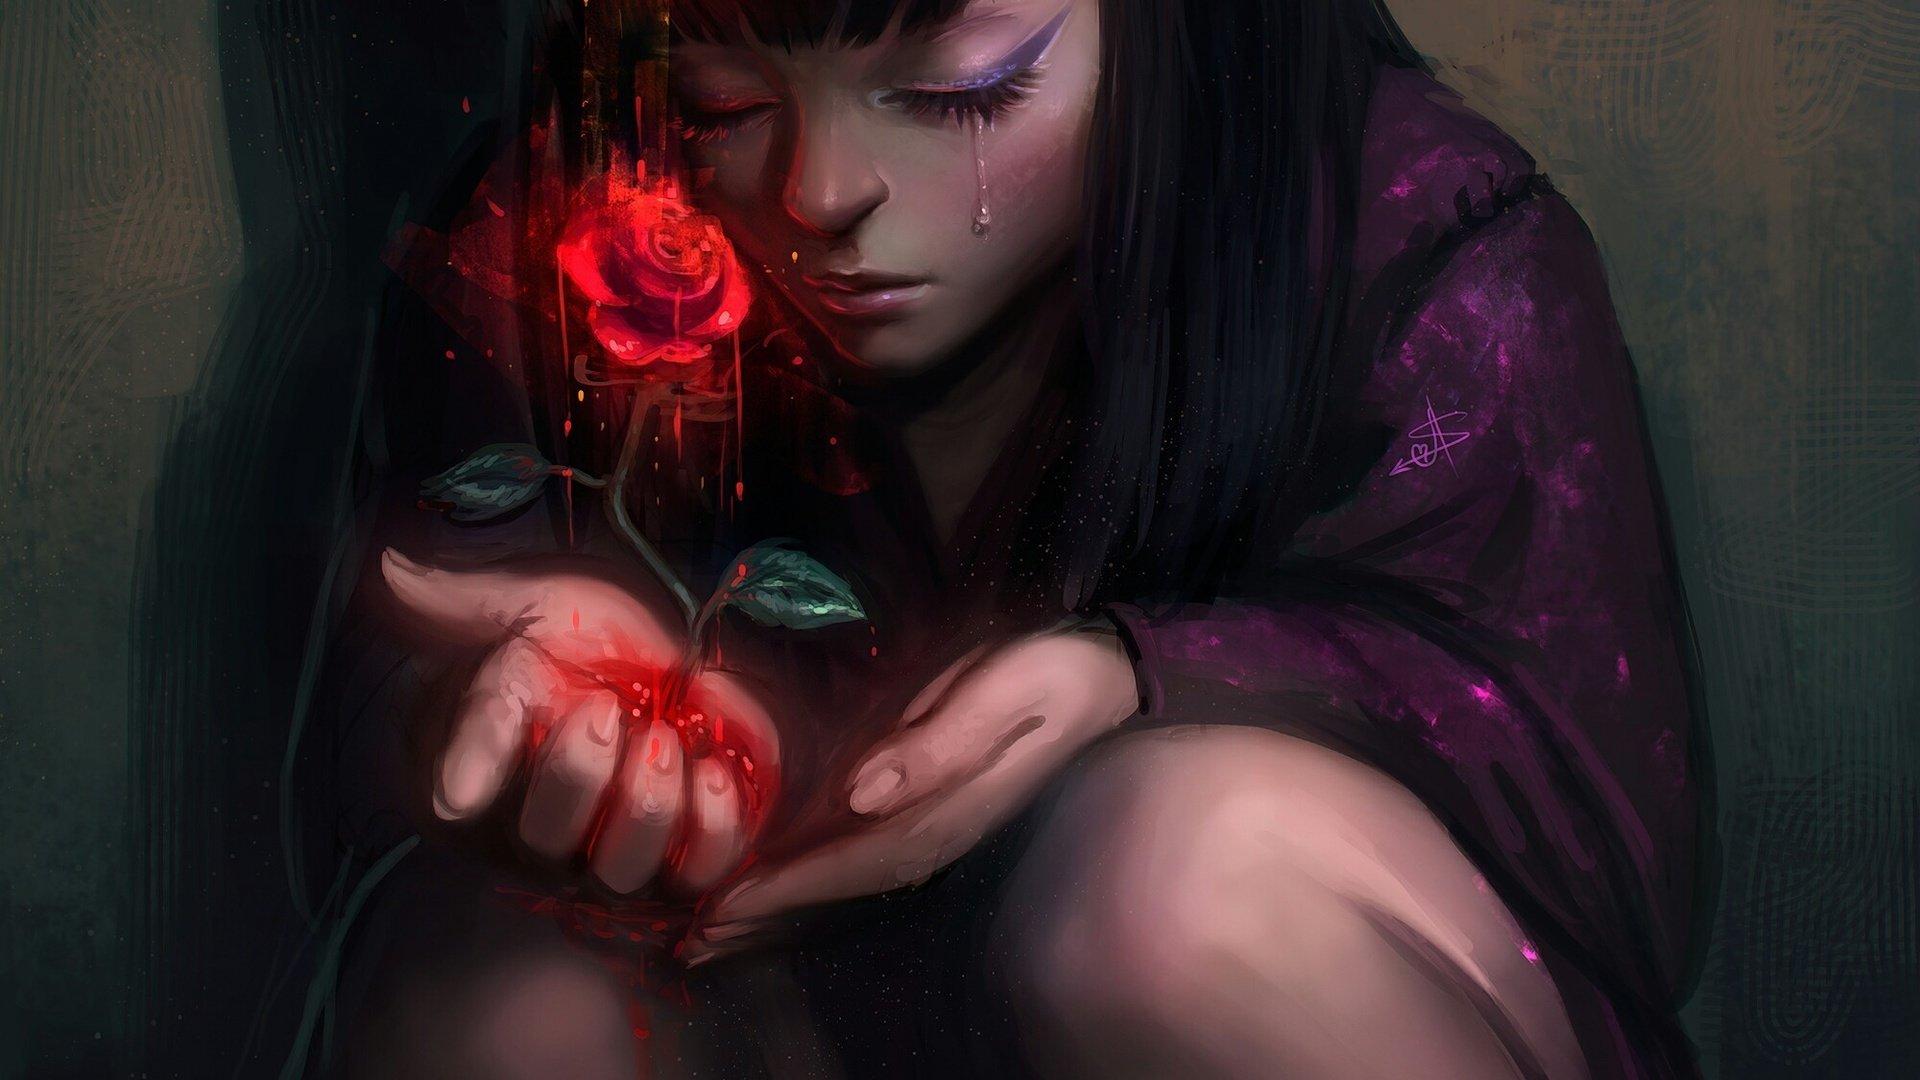 Картинки девушек с кровью на аву